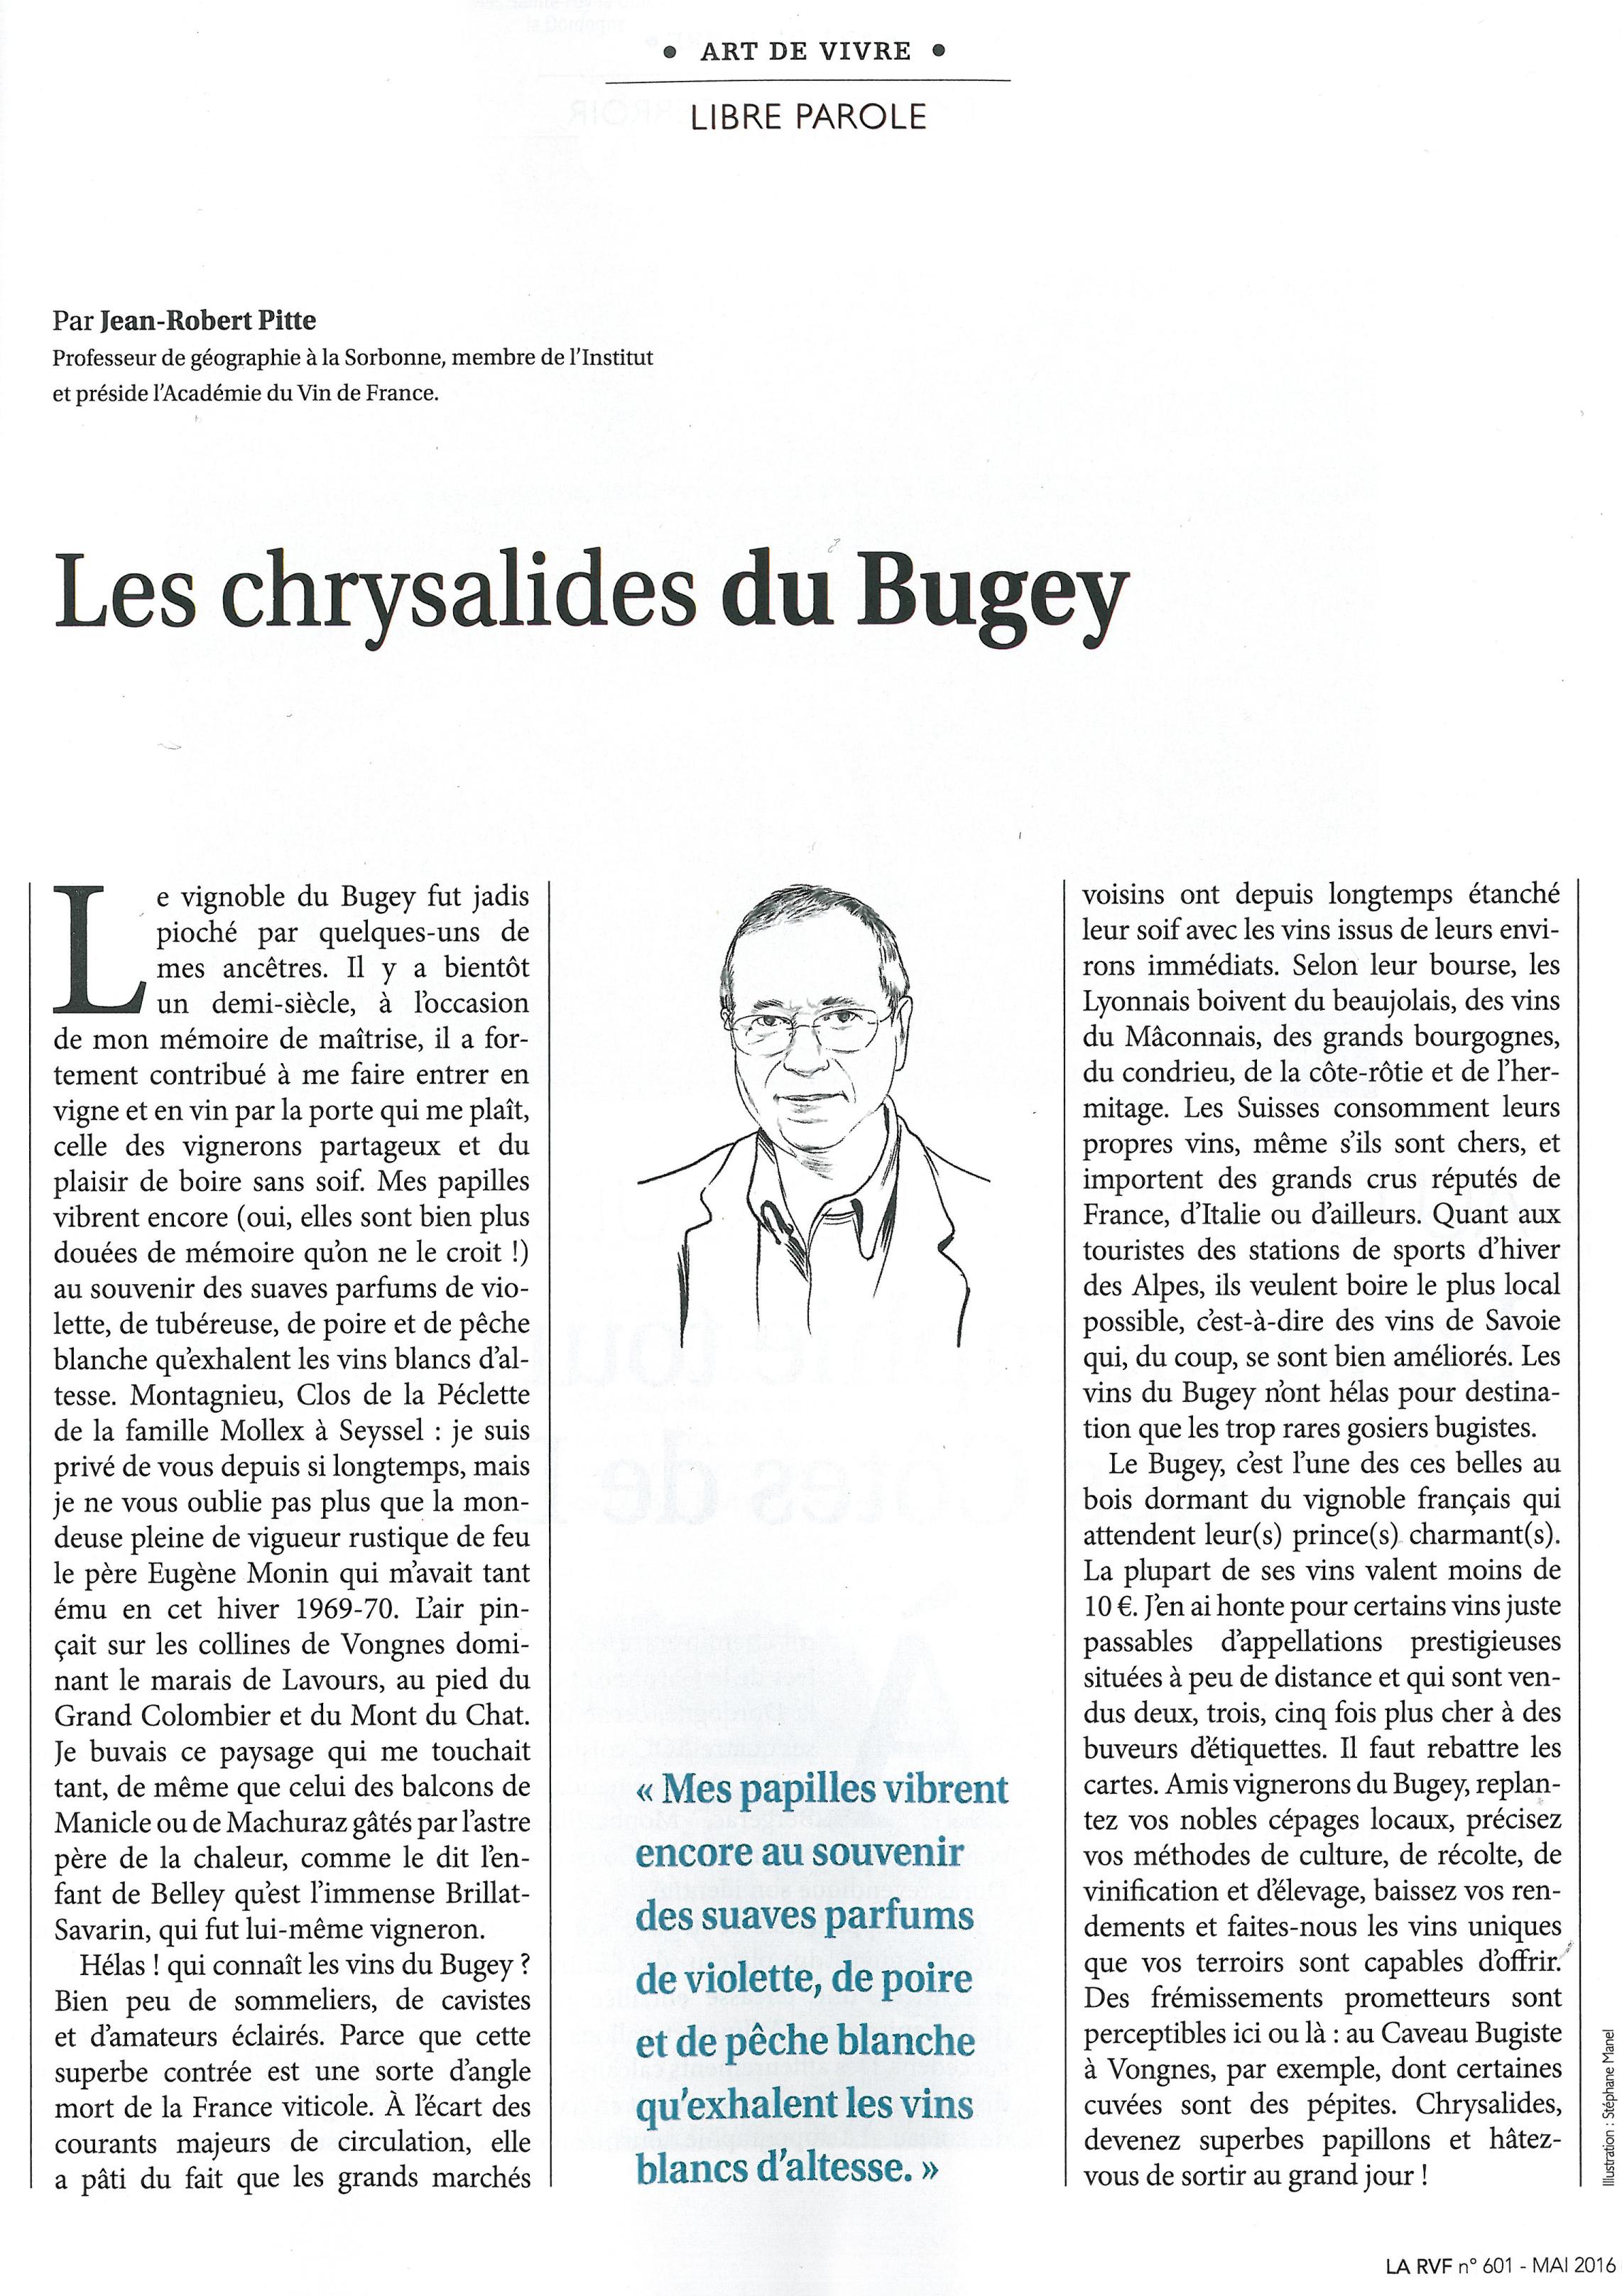 Les chrysalides du Bugey par Jean-Robert Pitte de la Revue des Vins de France